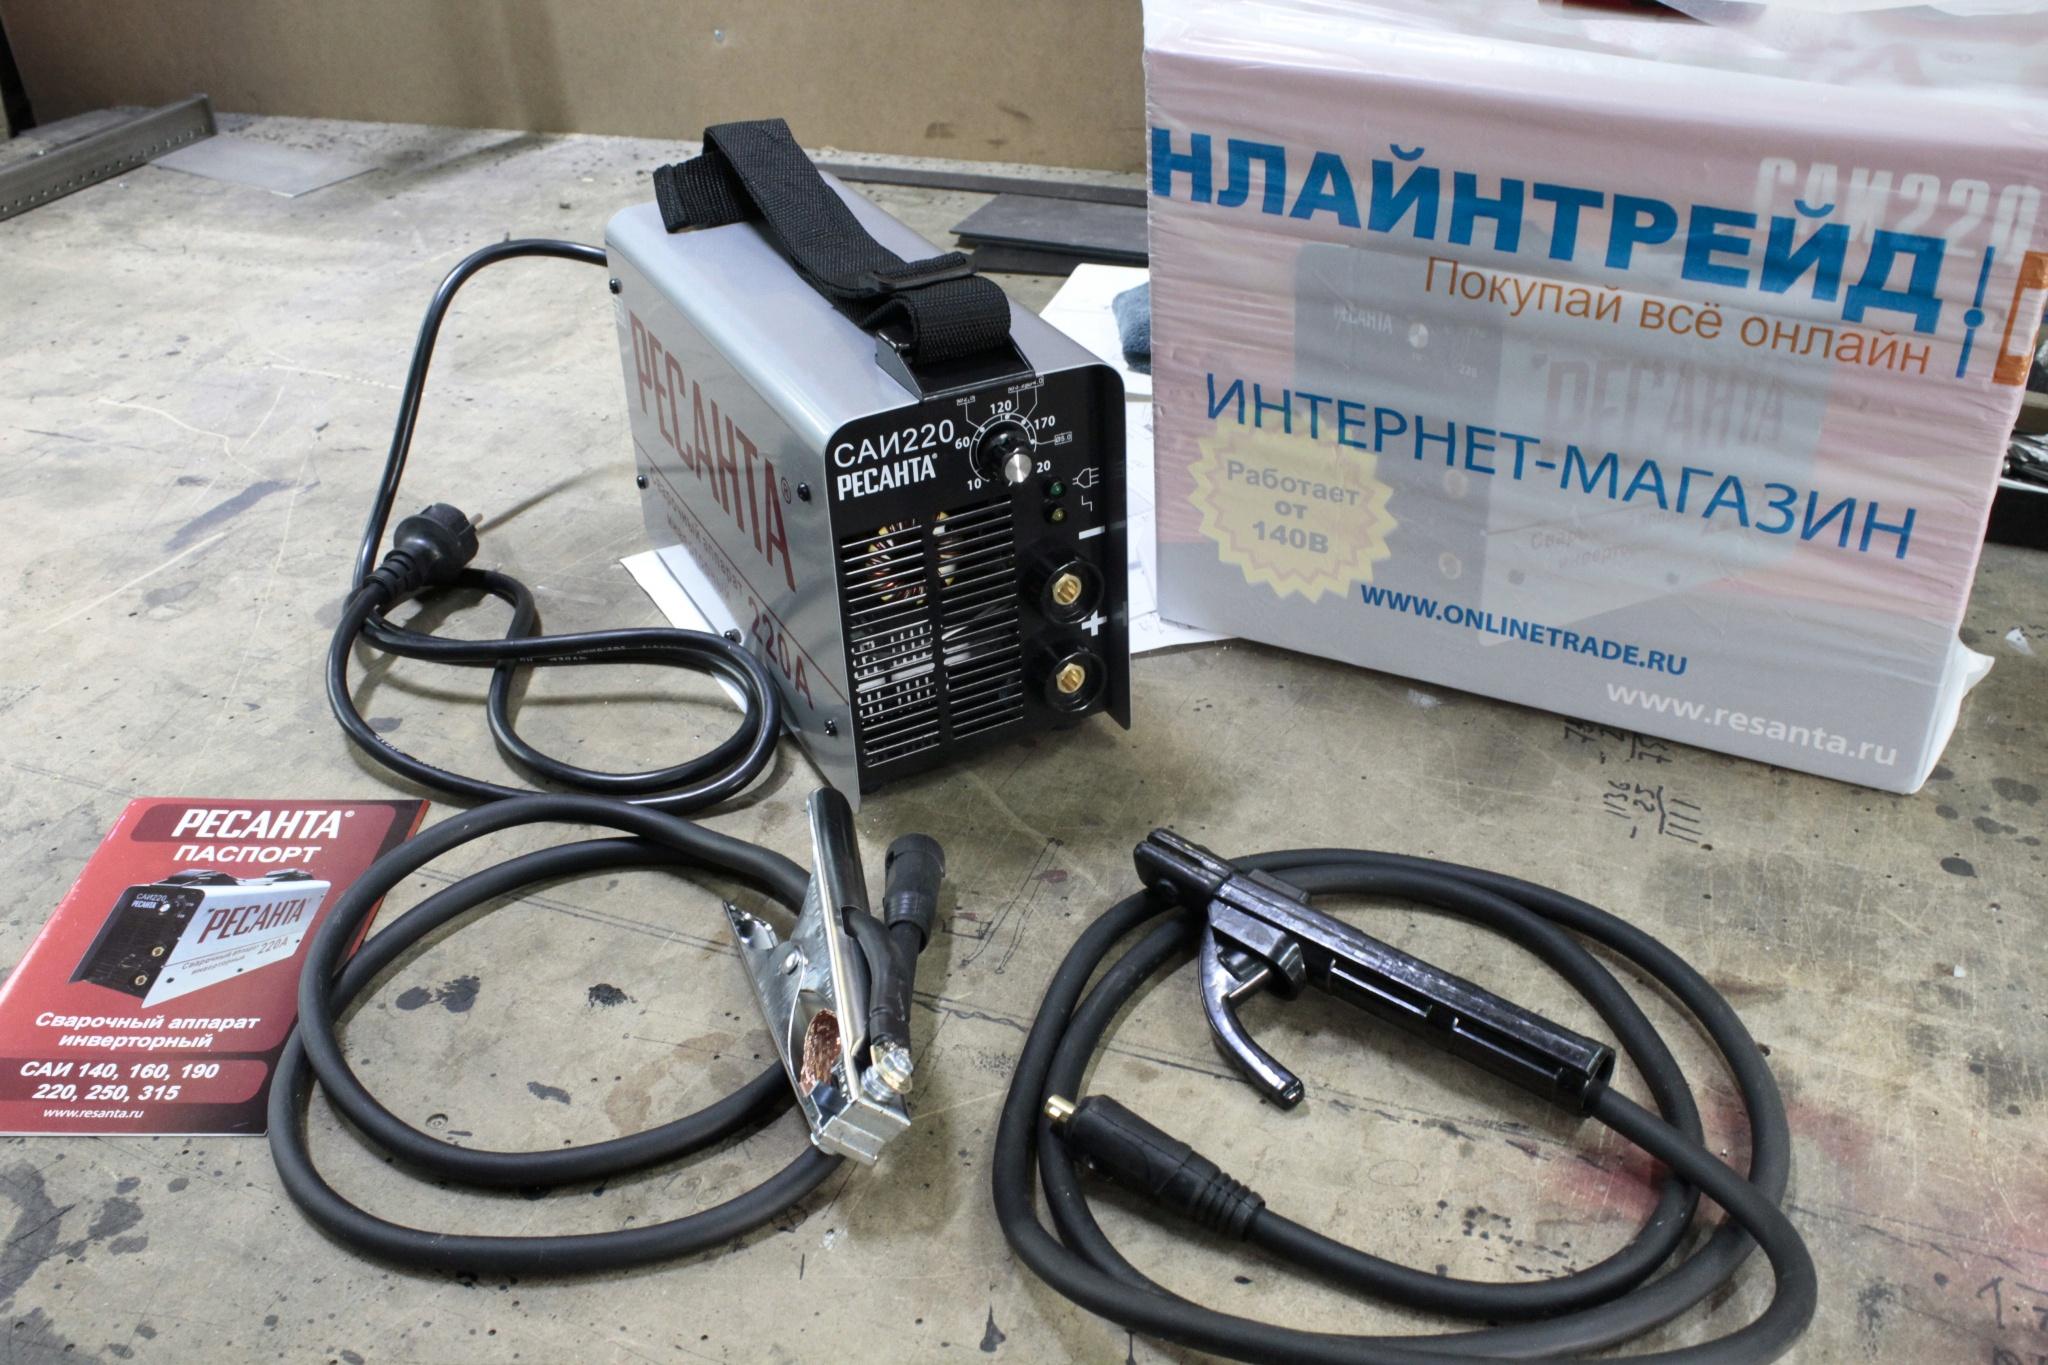 Сварочный аппарат ресанта с проводами ремонт сварочных аппаратов и расценки